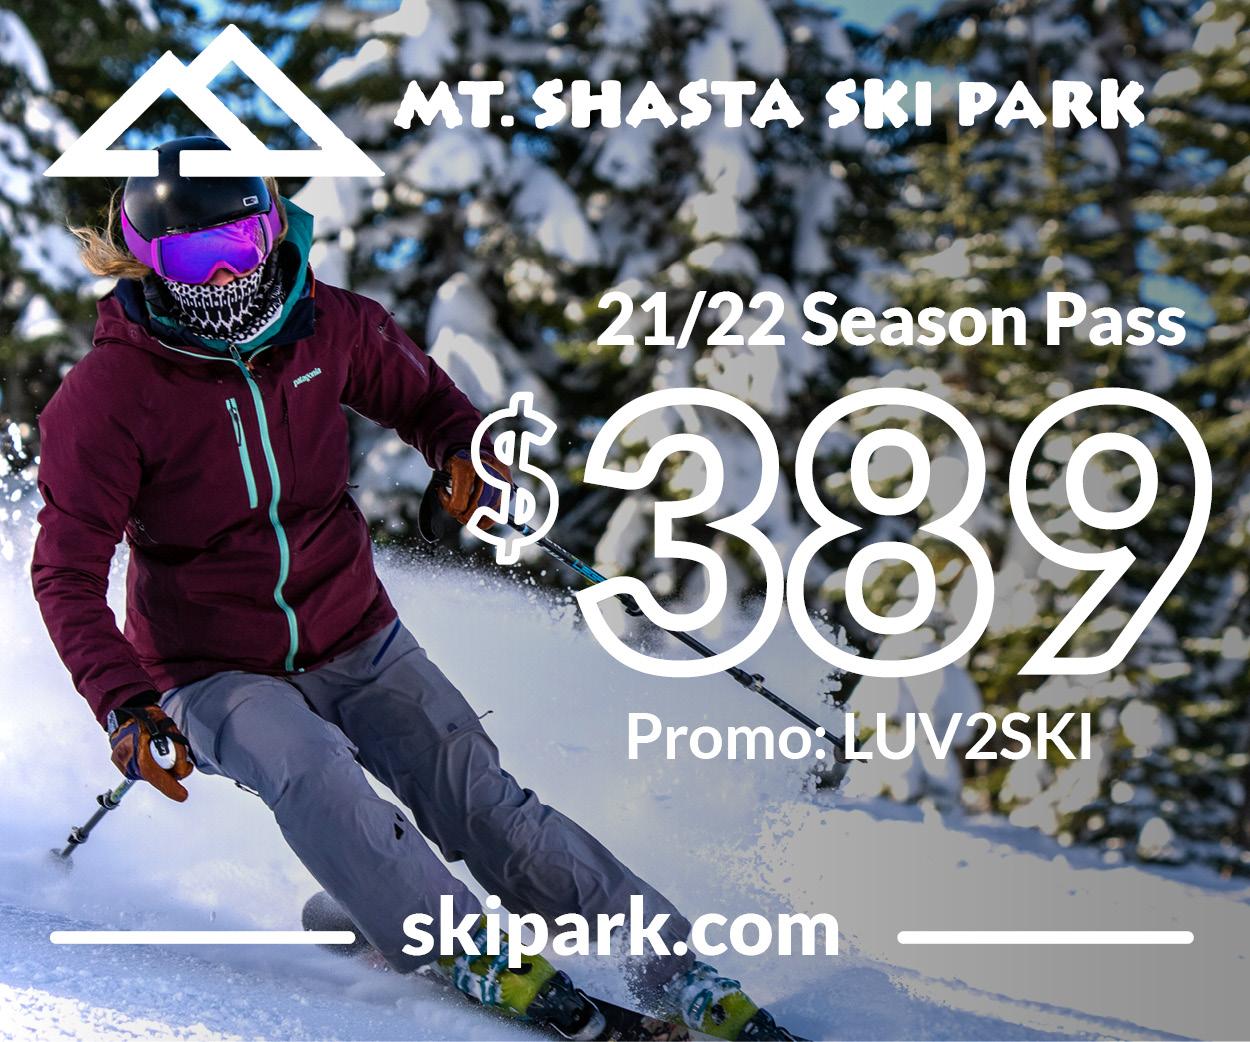 Shasta Ski Park